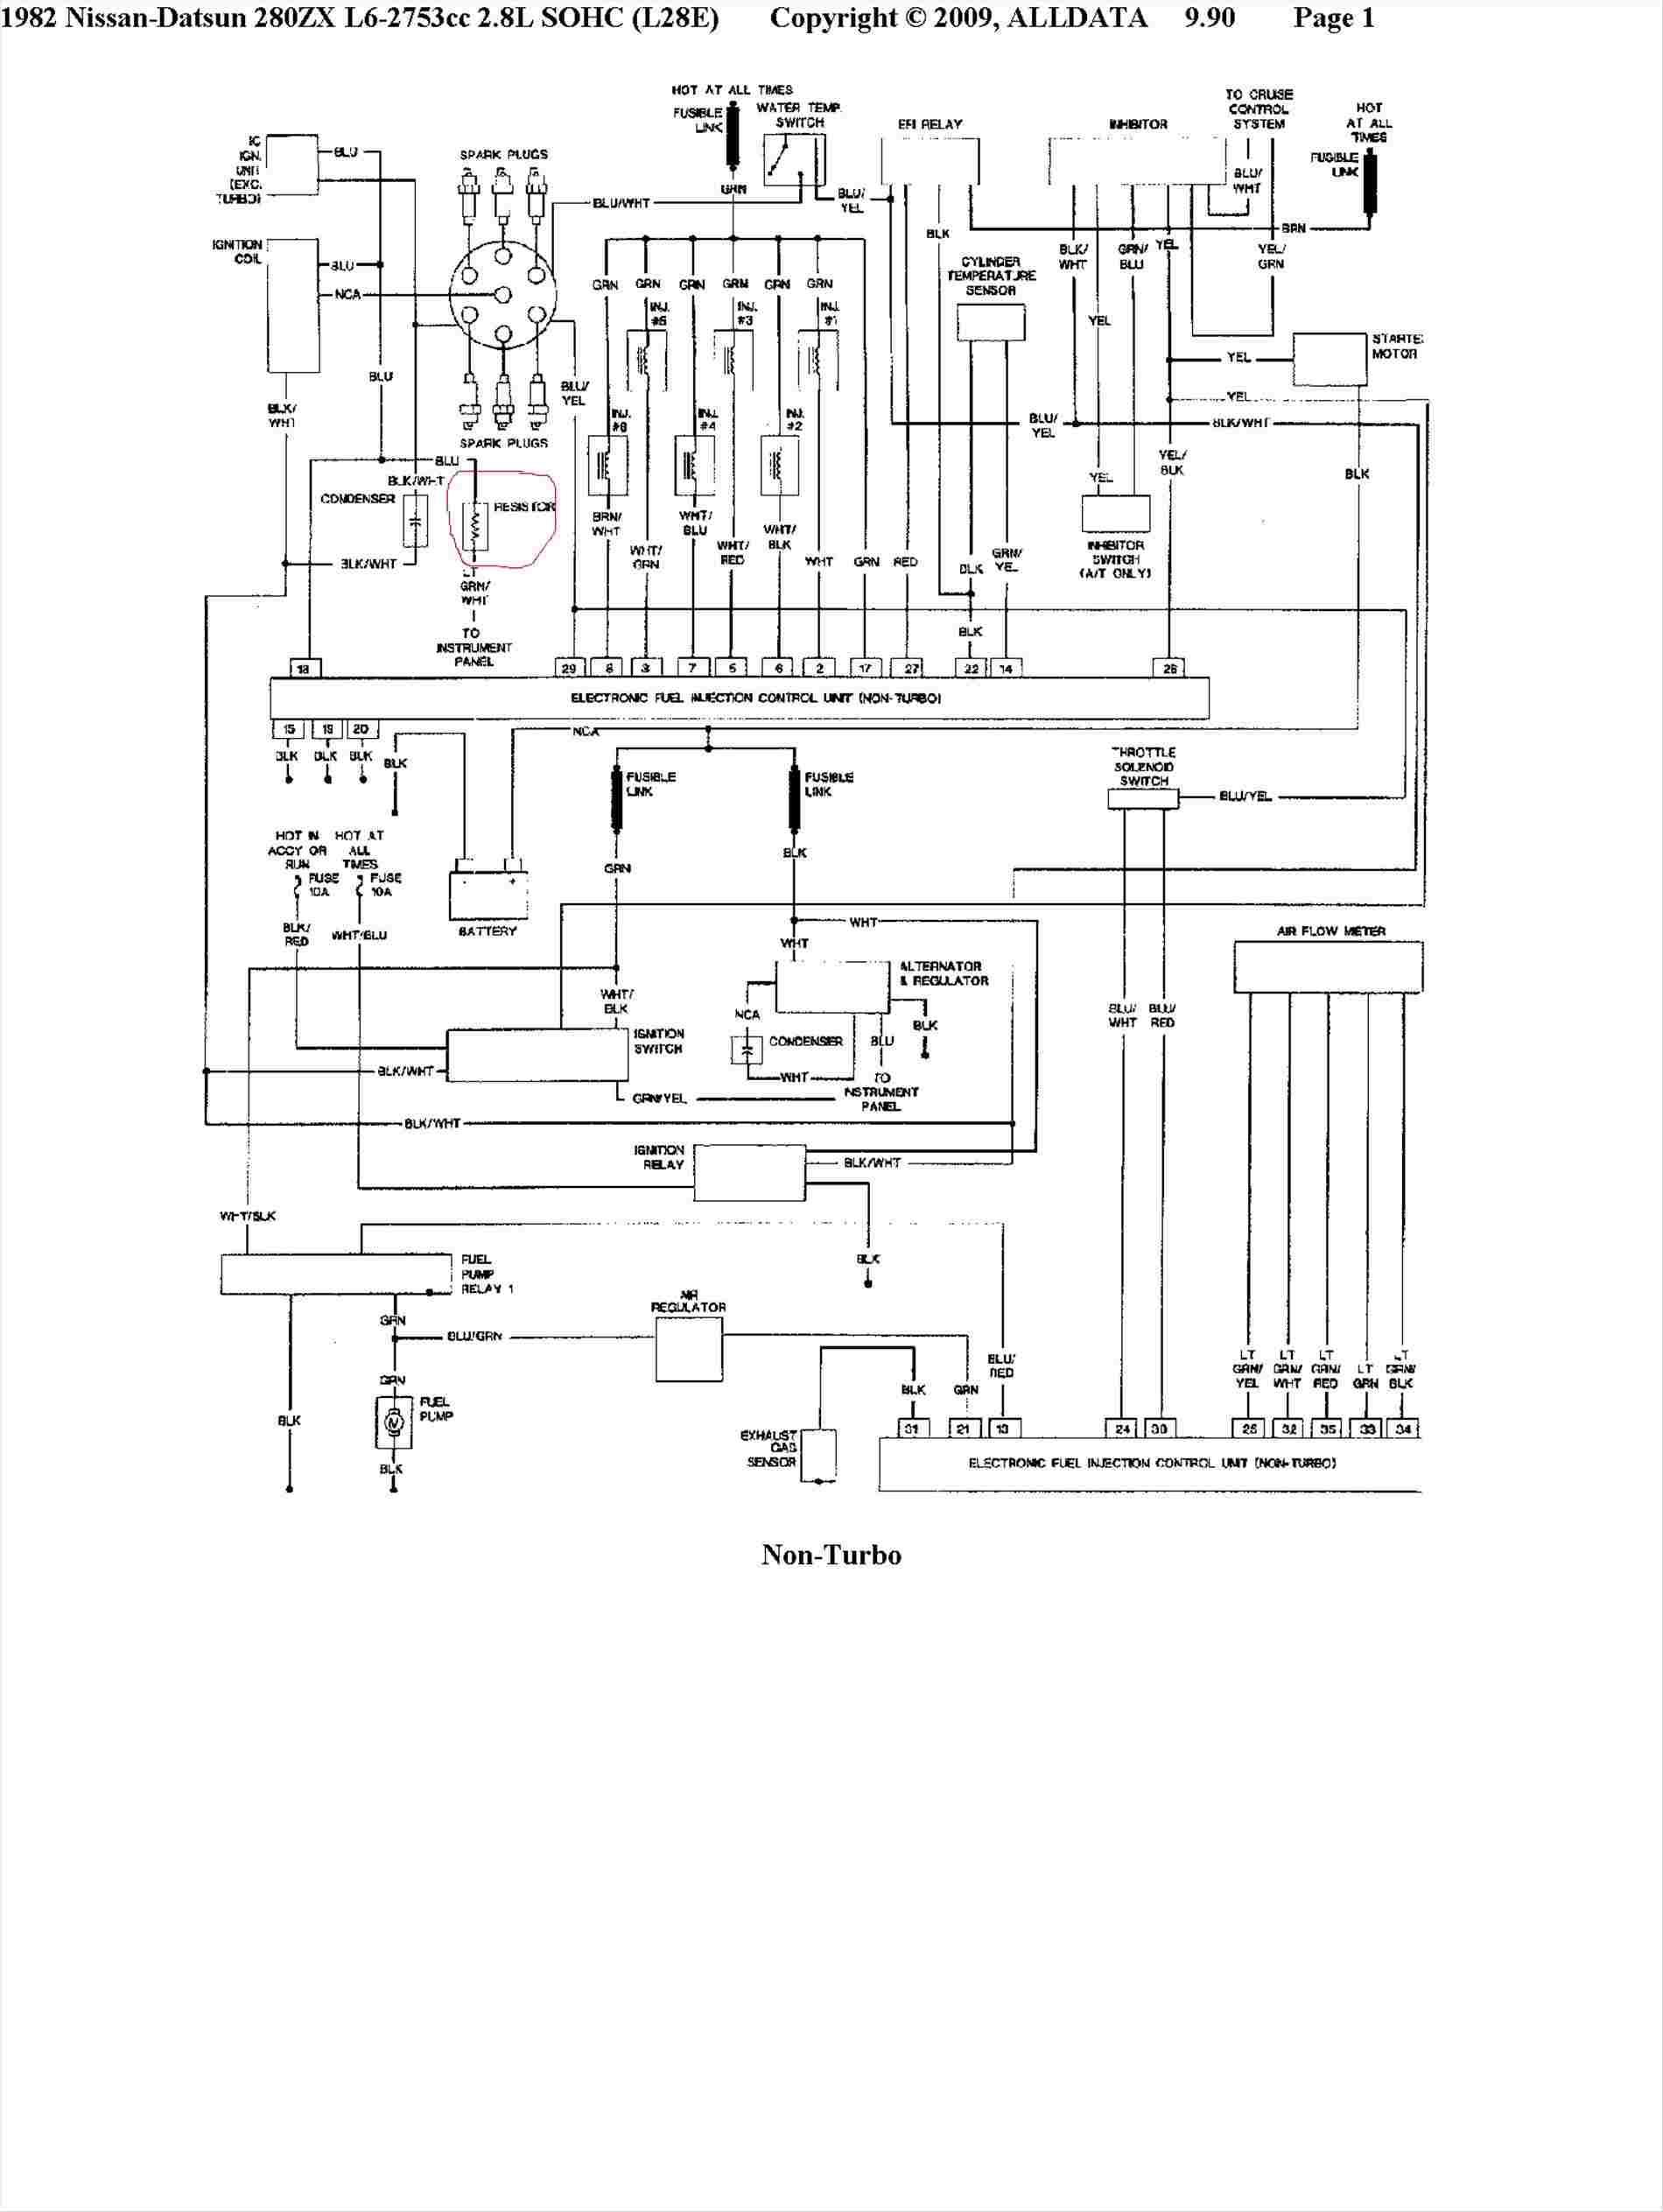 Zw Wiring Diagram - Wiring Diagram Schema on